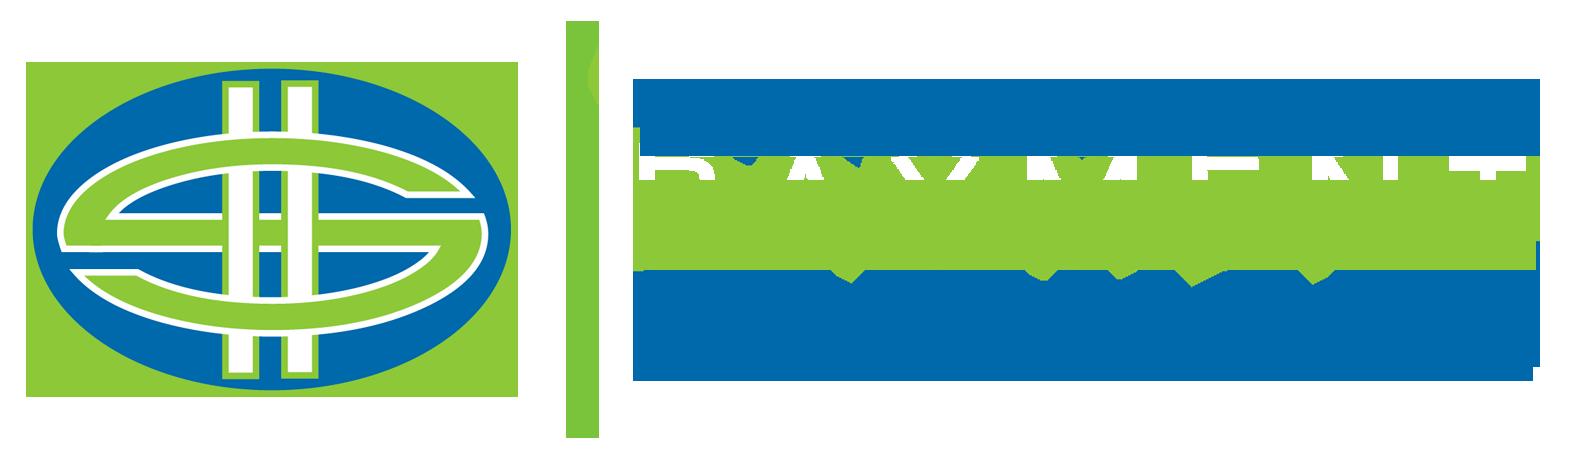 Merchant Payment Services